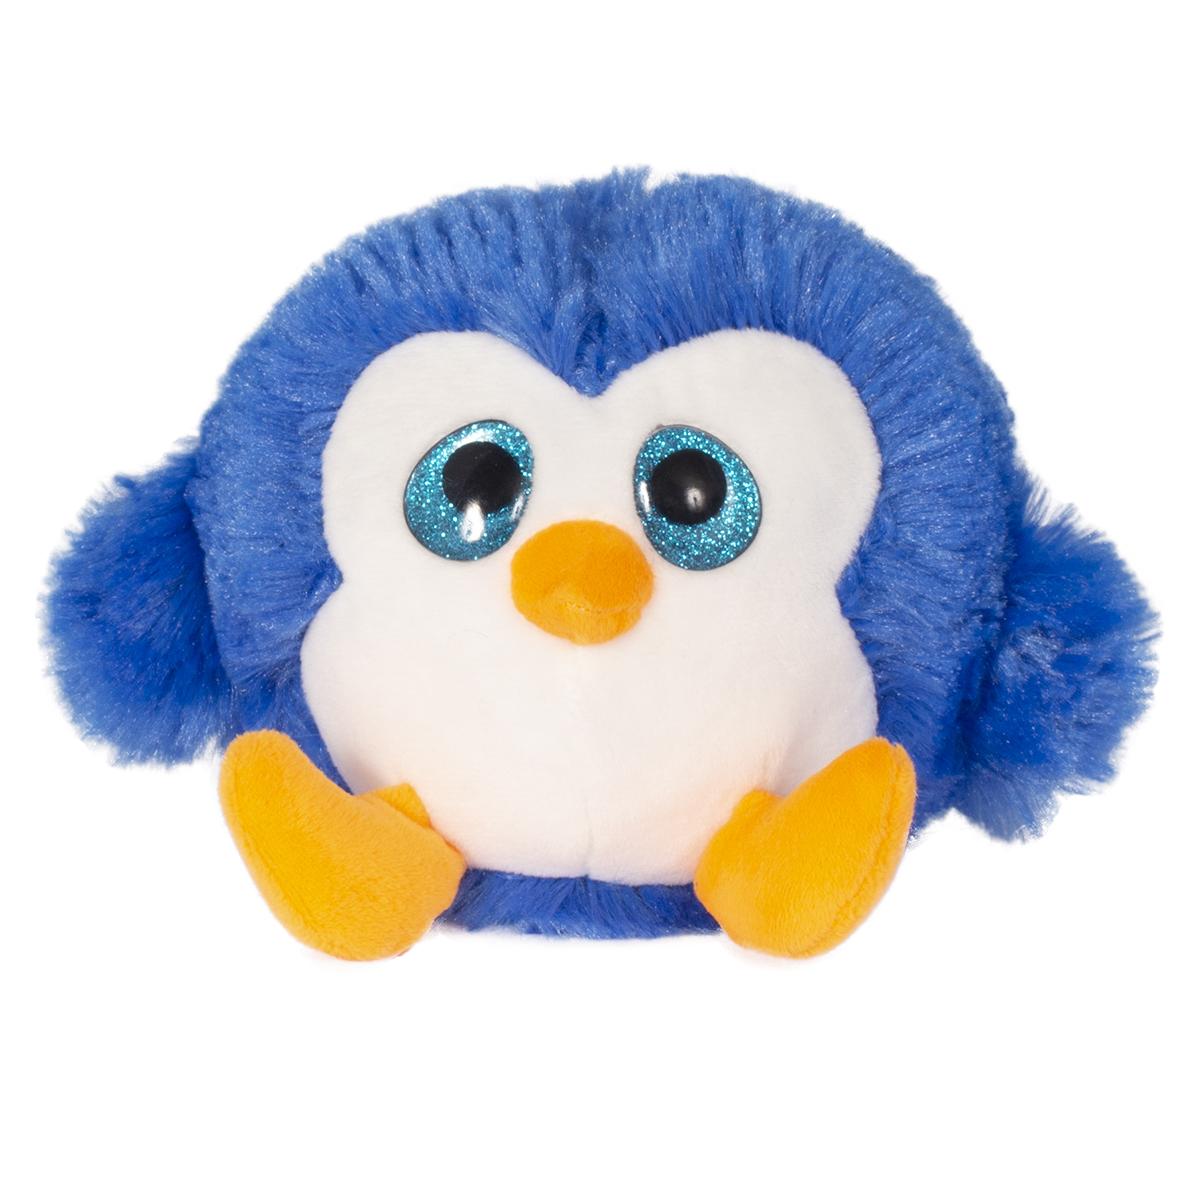 Jucarie de plus animalut cu ochi mari, Noriel, Albastru, 11 cm